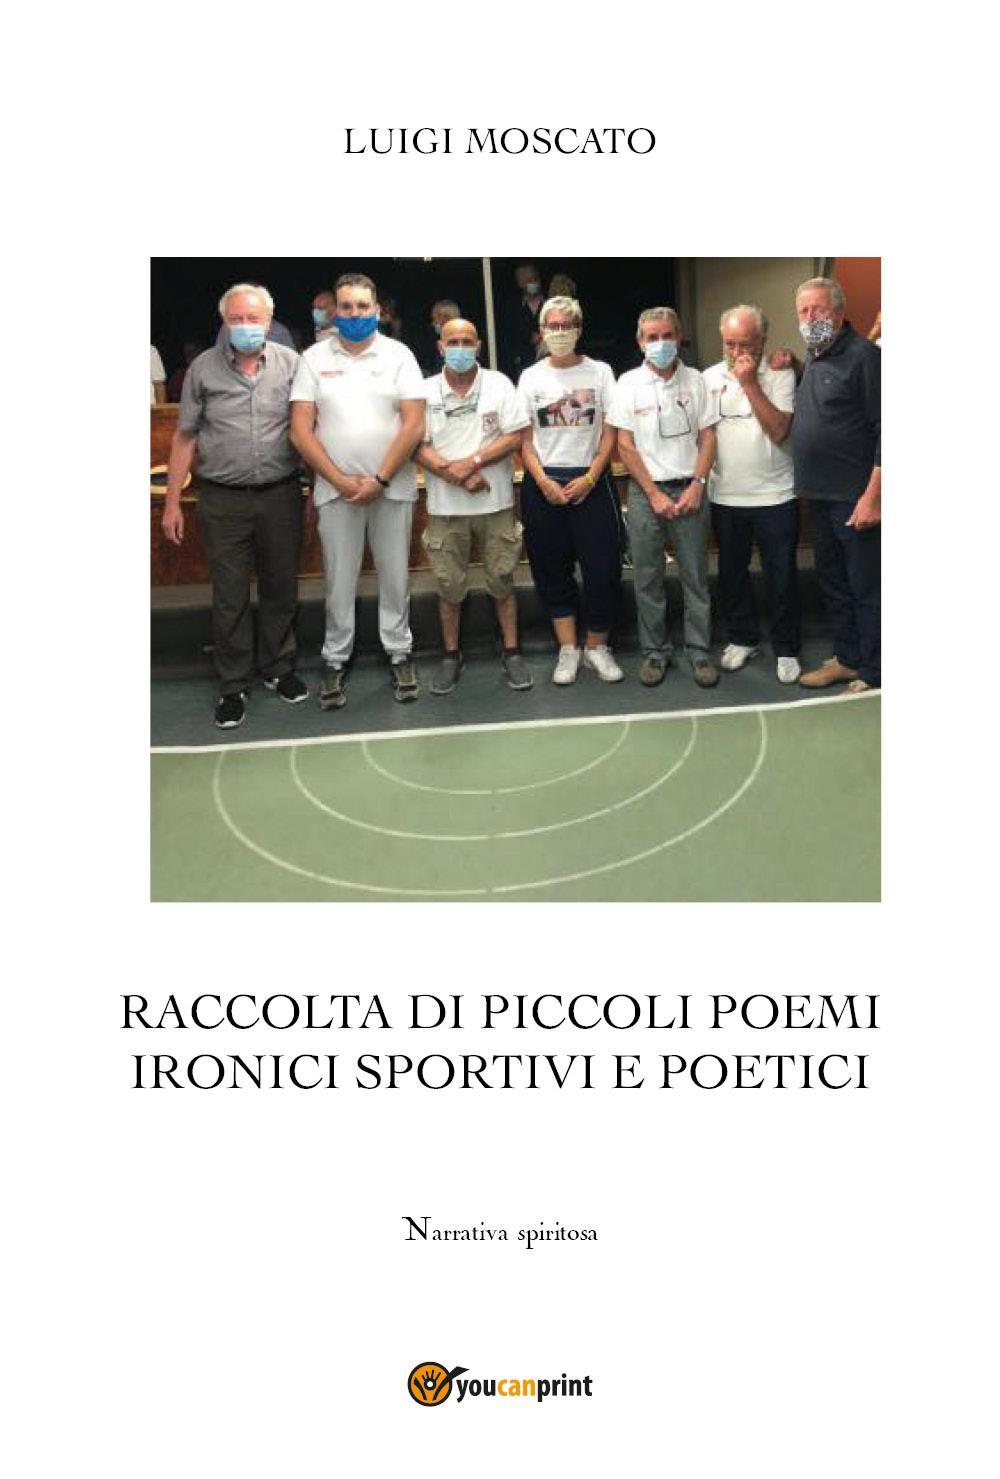 Raccolta di piccoli poemi ironici sportivi e poetici